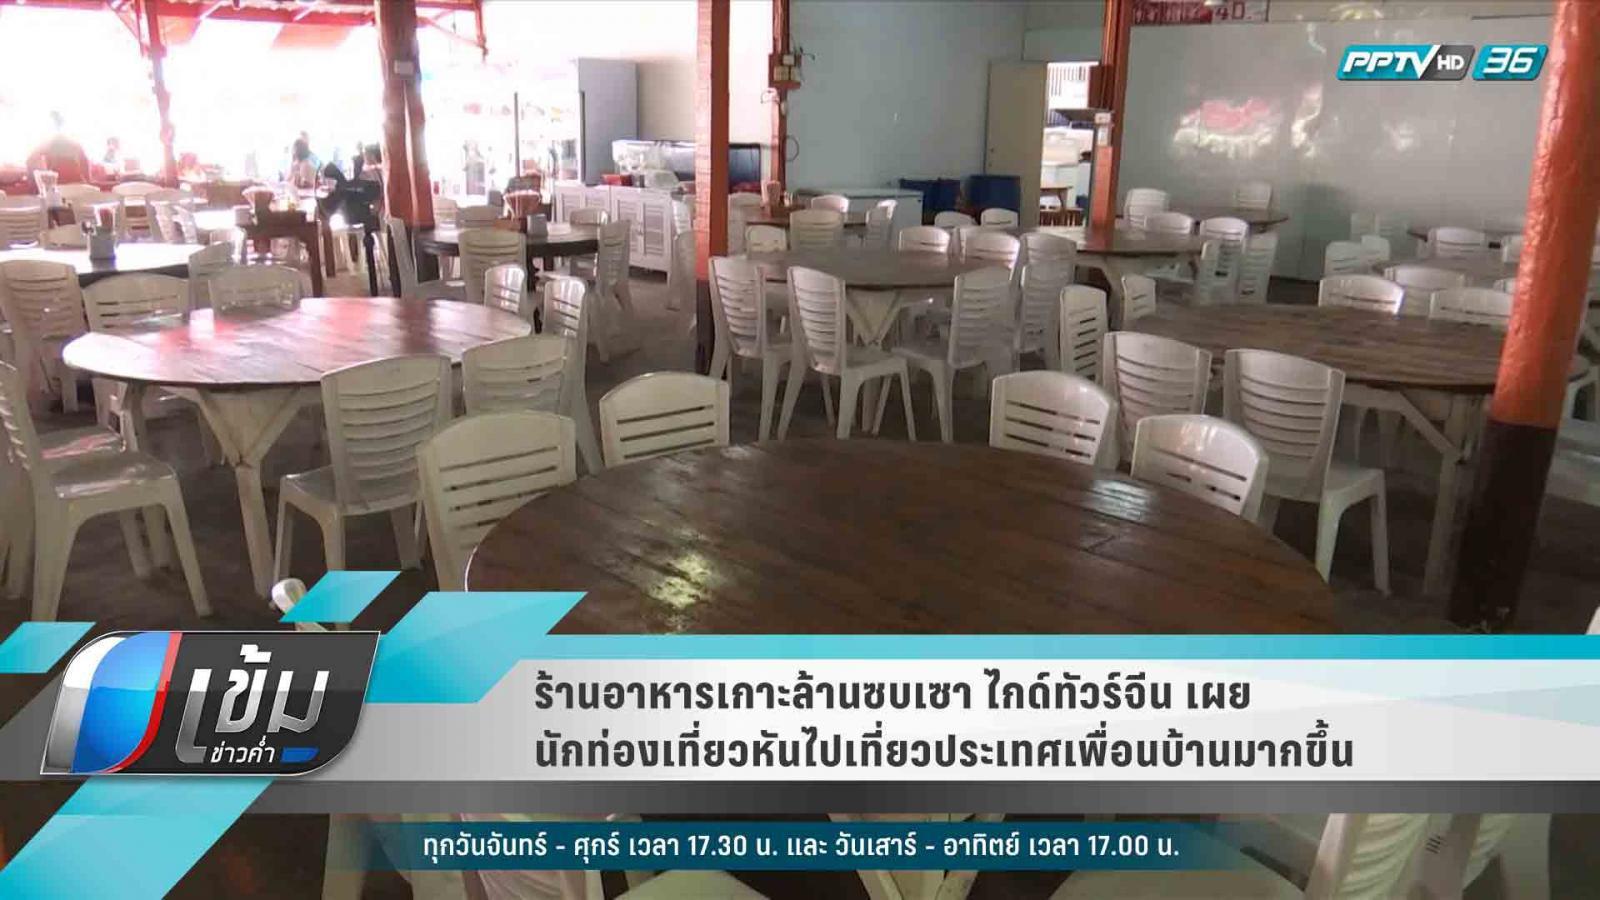 ร้านอาหารเกาะล้านซบเซา ไกด์ทัวร์จีน เผย นักท่องเที่ยวหันไปเที่ยวประเทศเพื่อนบ้านมากขึ้น